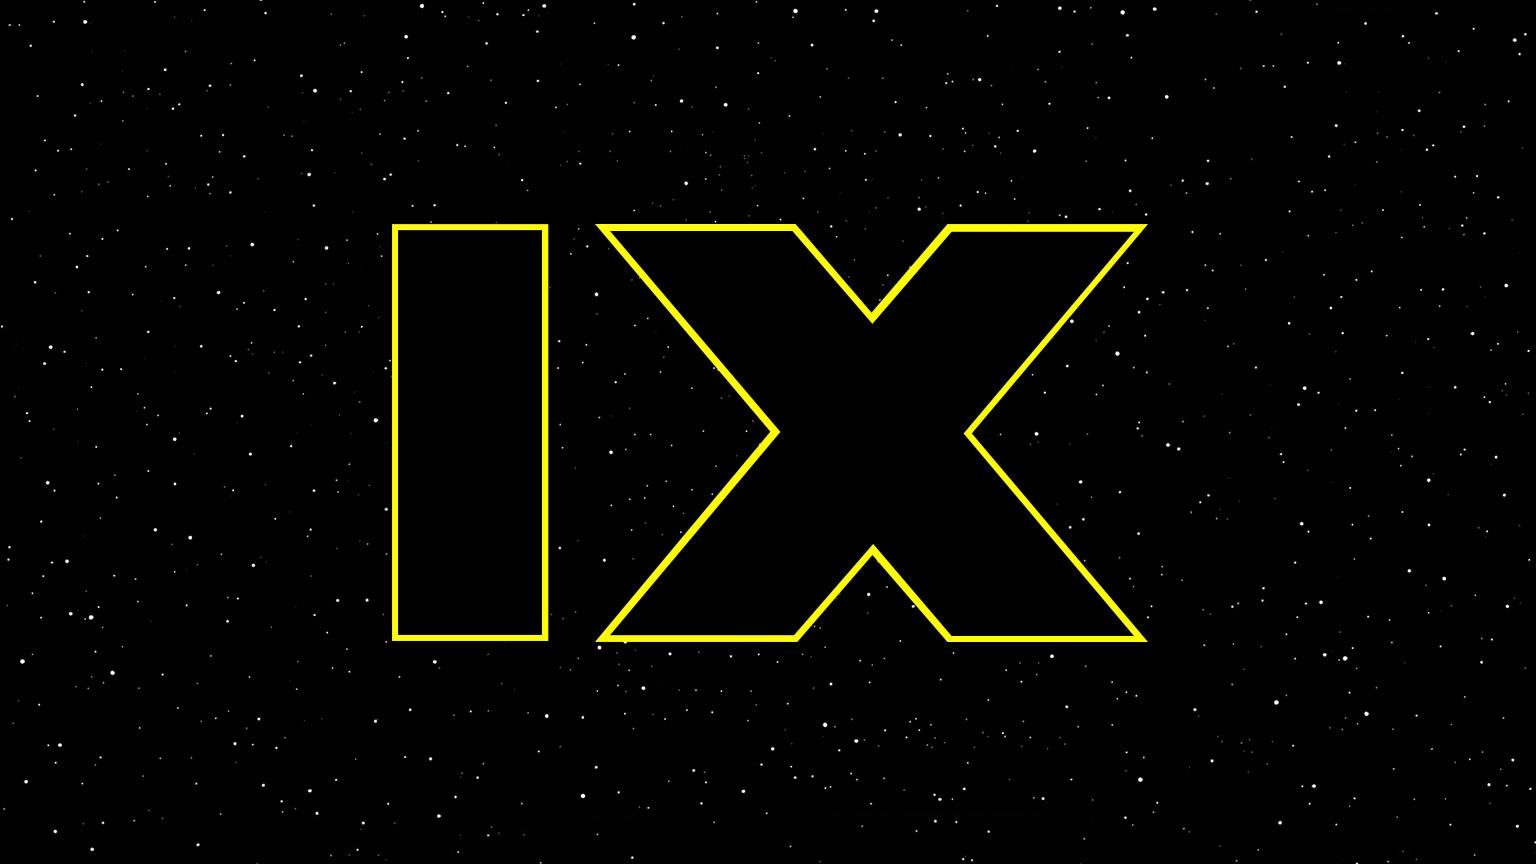 Фанаты, радуйтесь: стартуют съемки фильма «Звёздные Войны: отрывок IX»